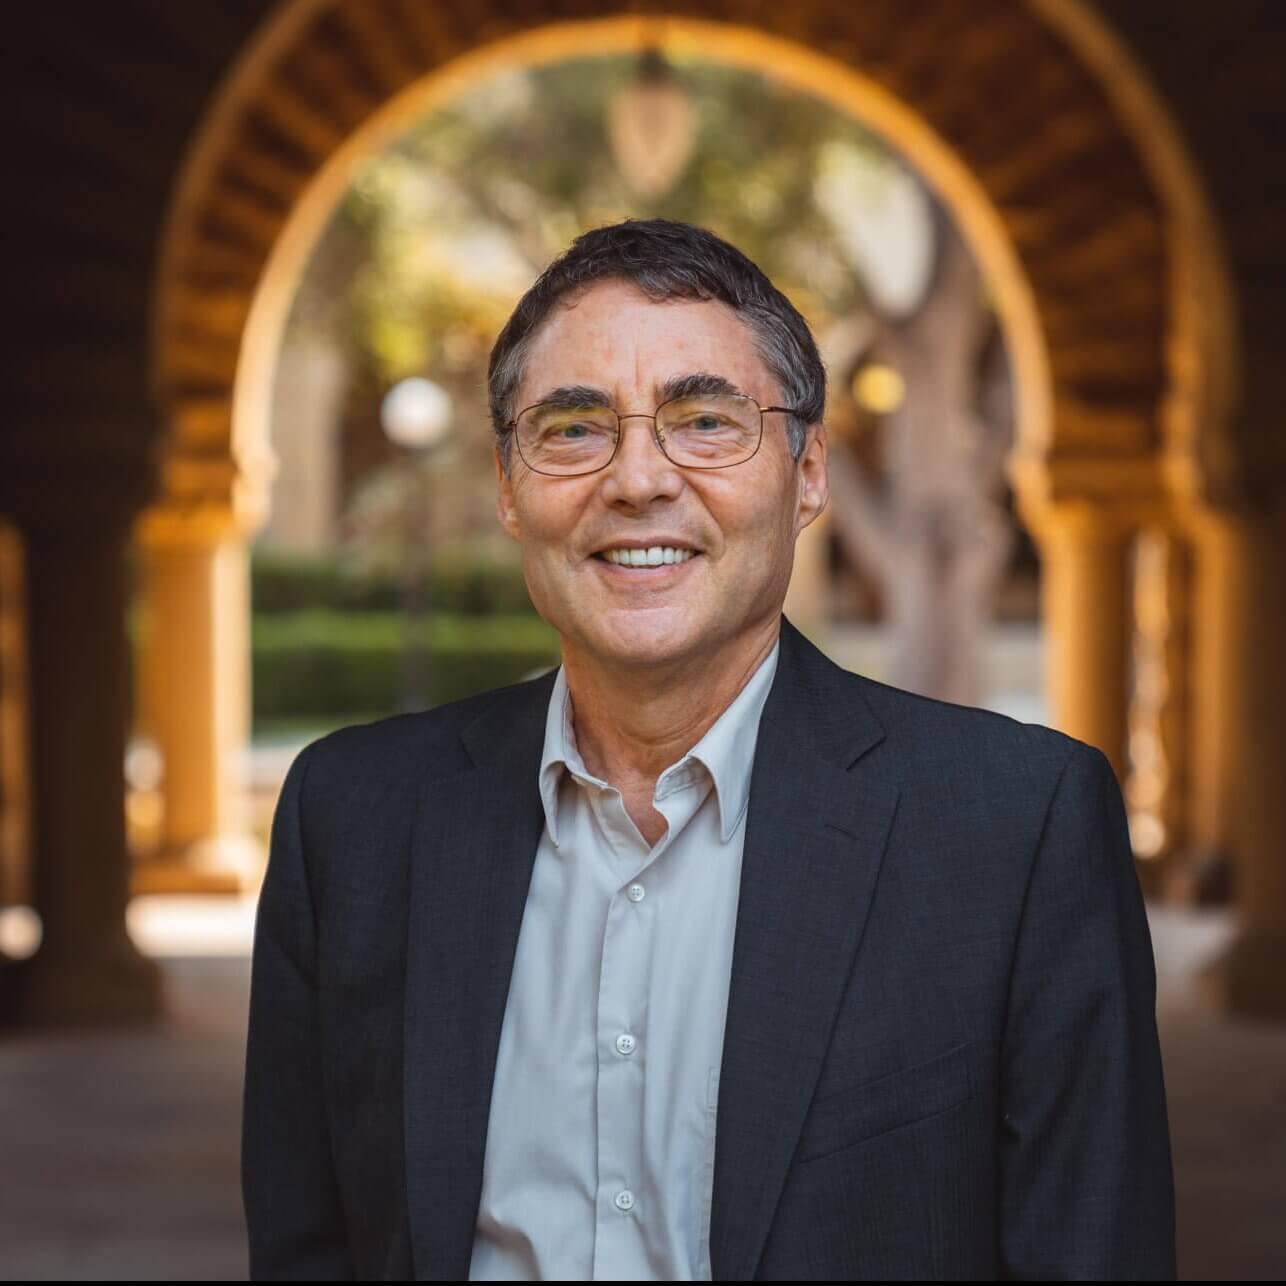 Carl Wieman教授